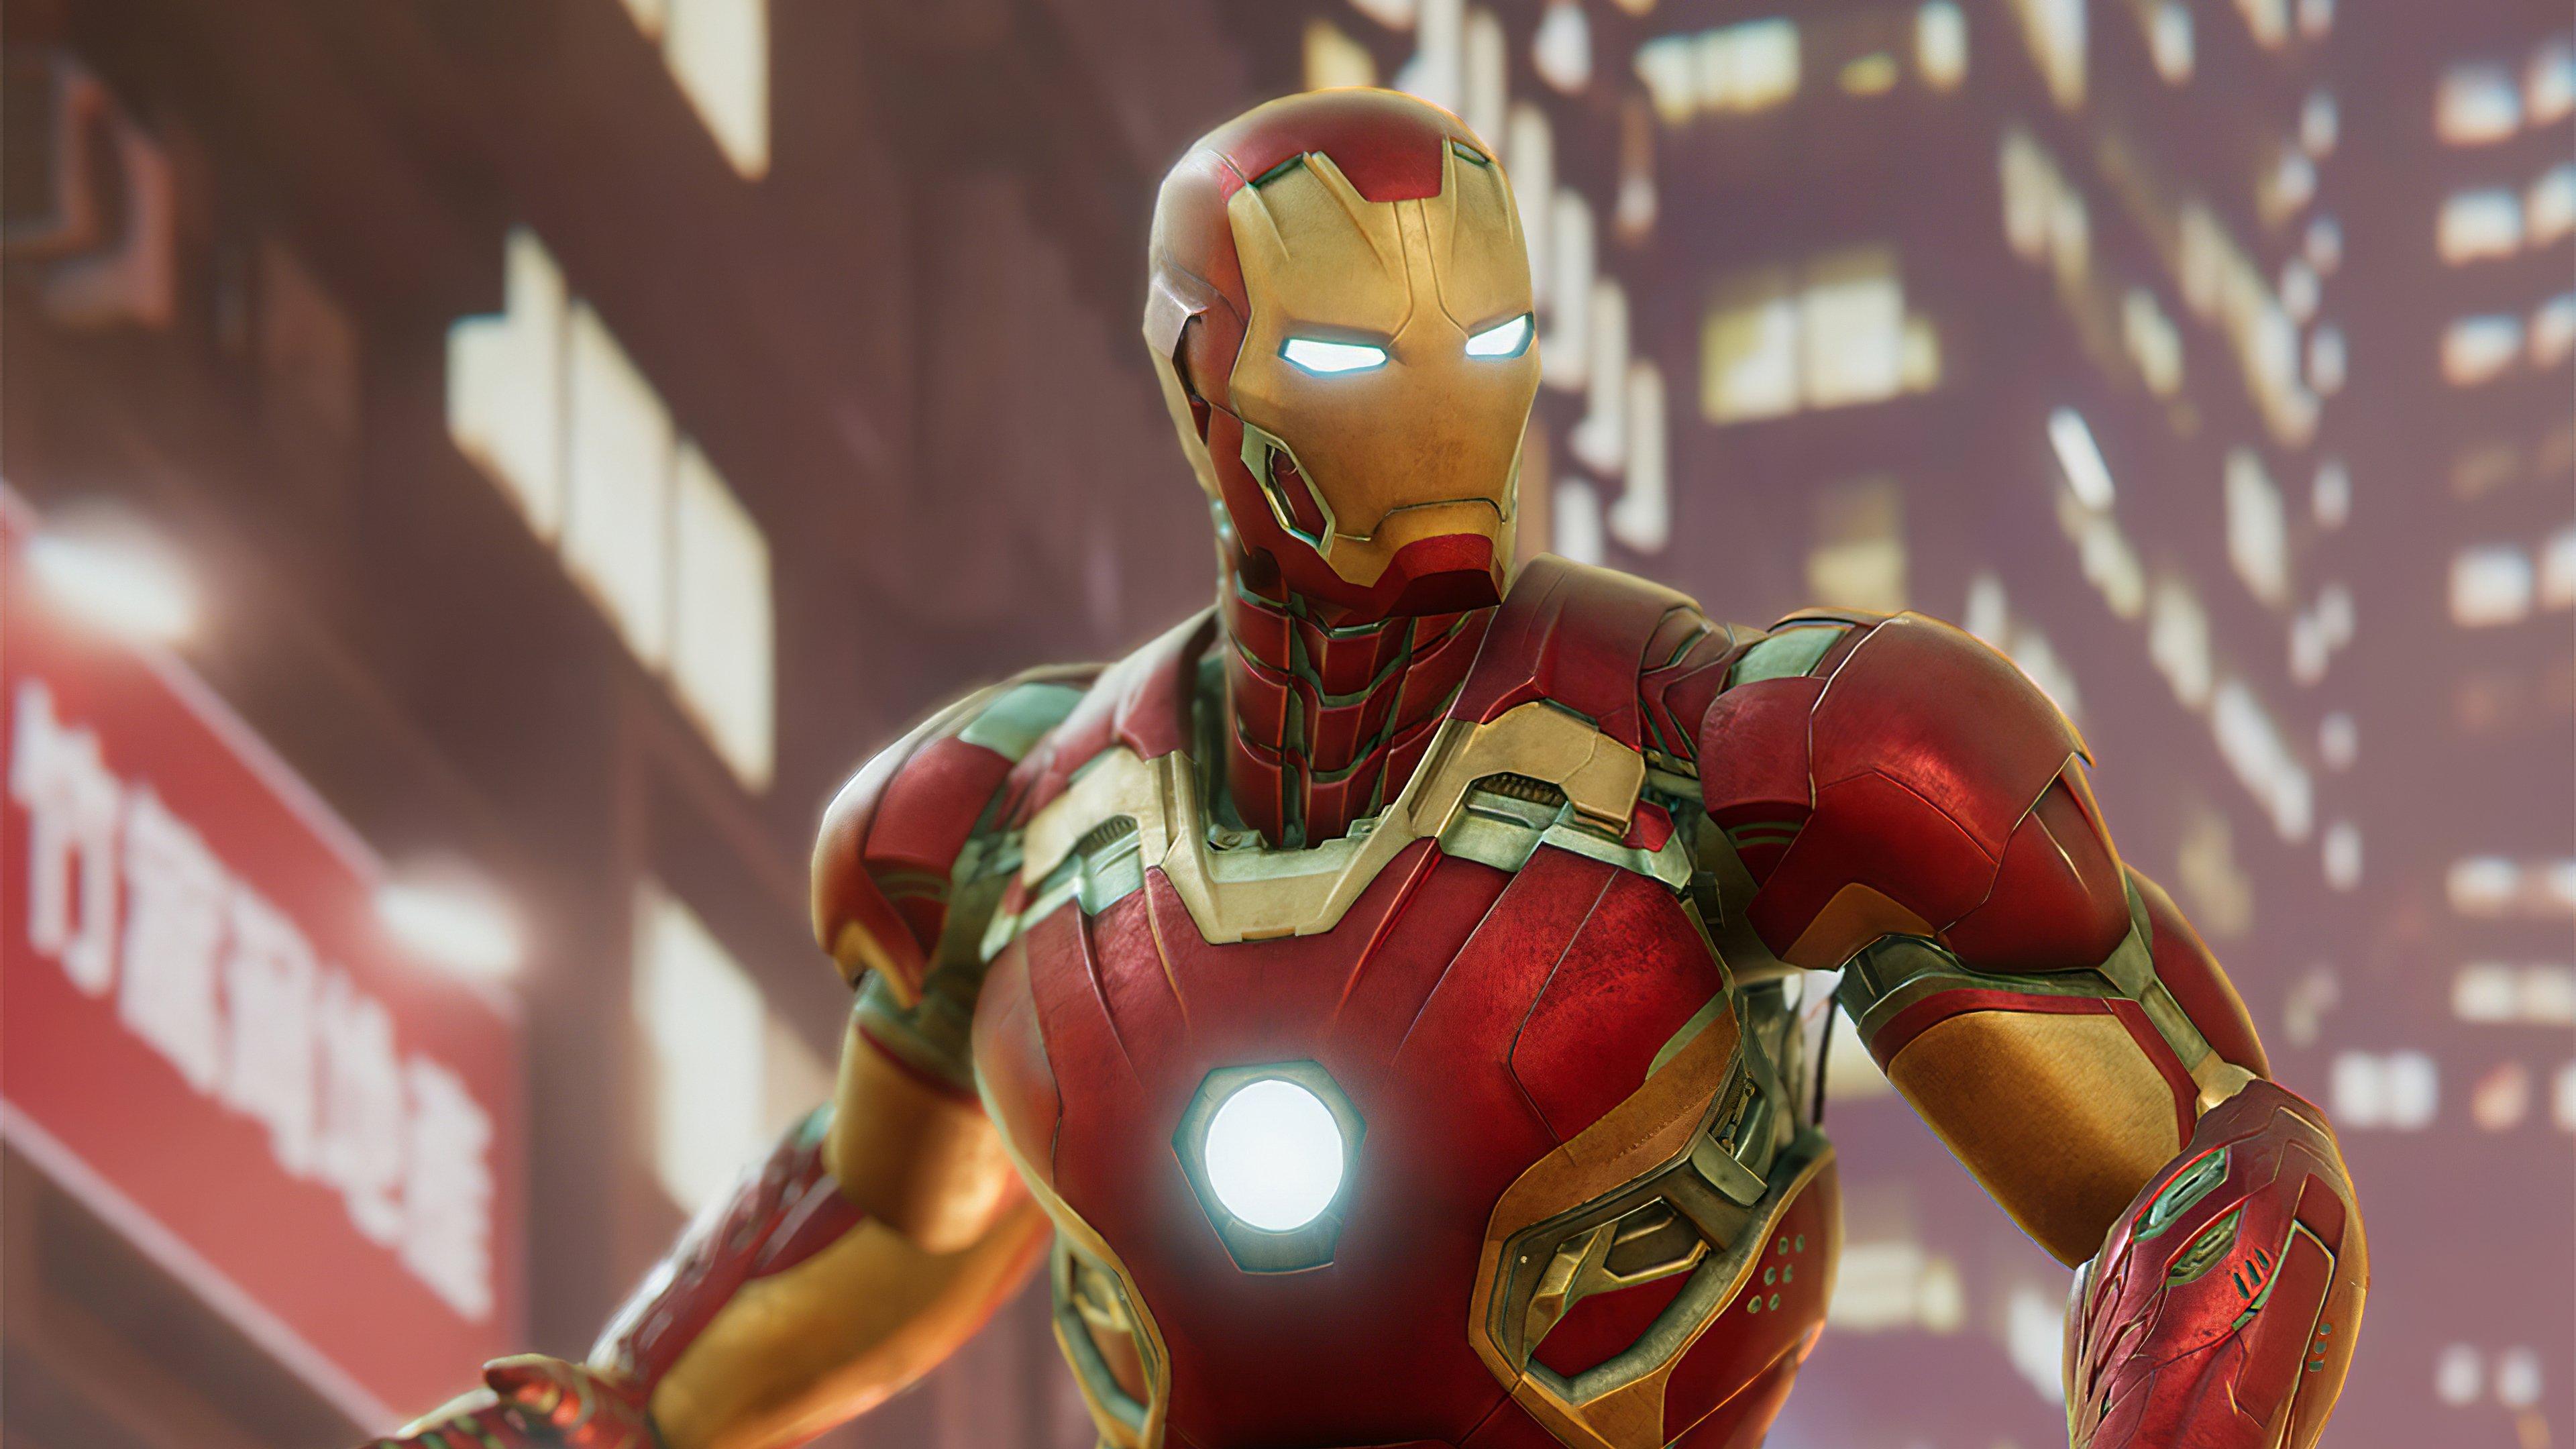 Wallpaper Iron Man Suit